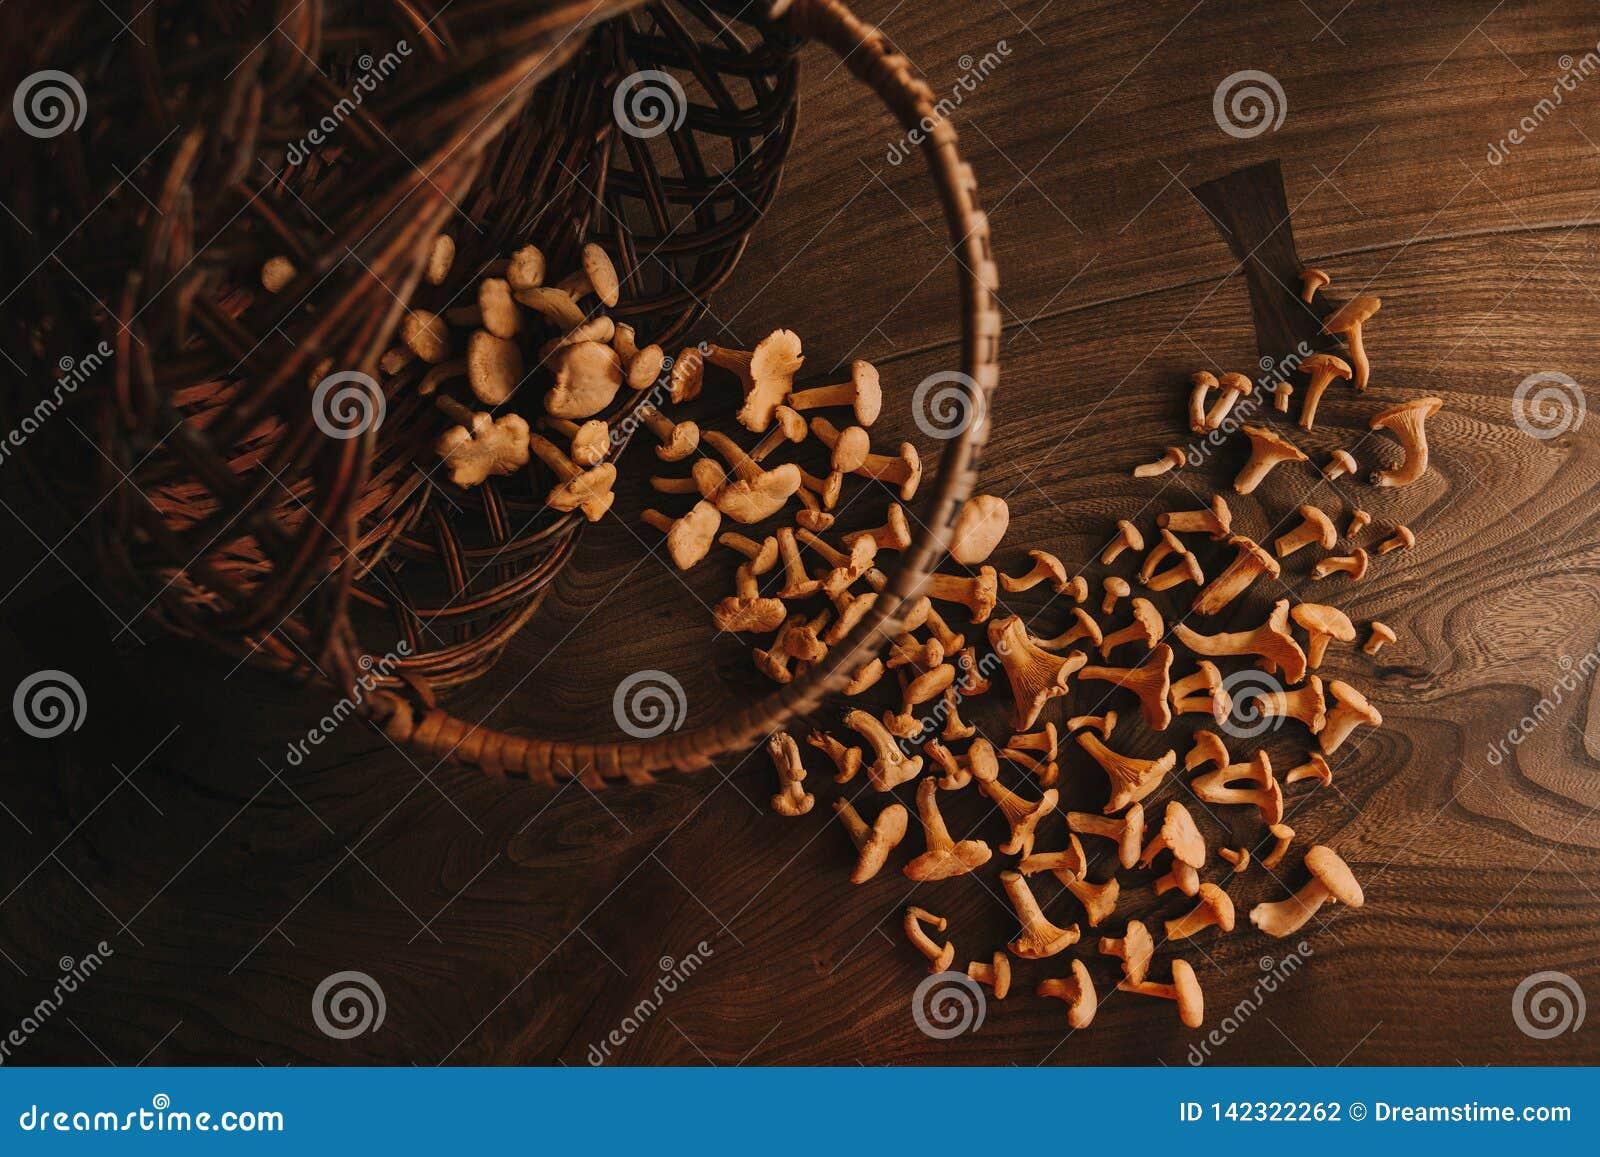 Funghi sulla tavola